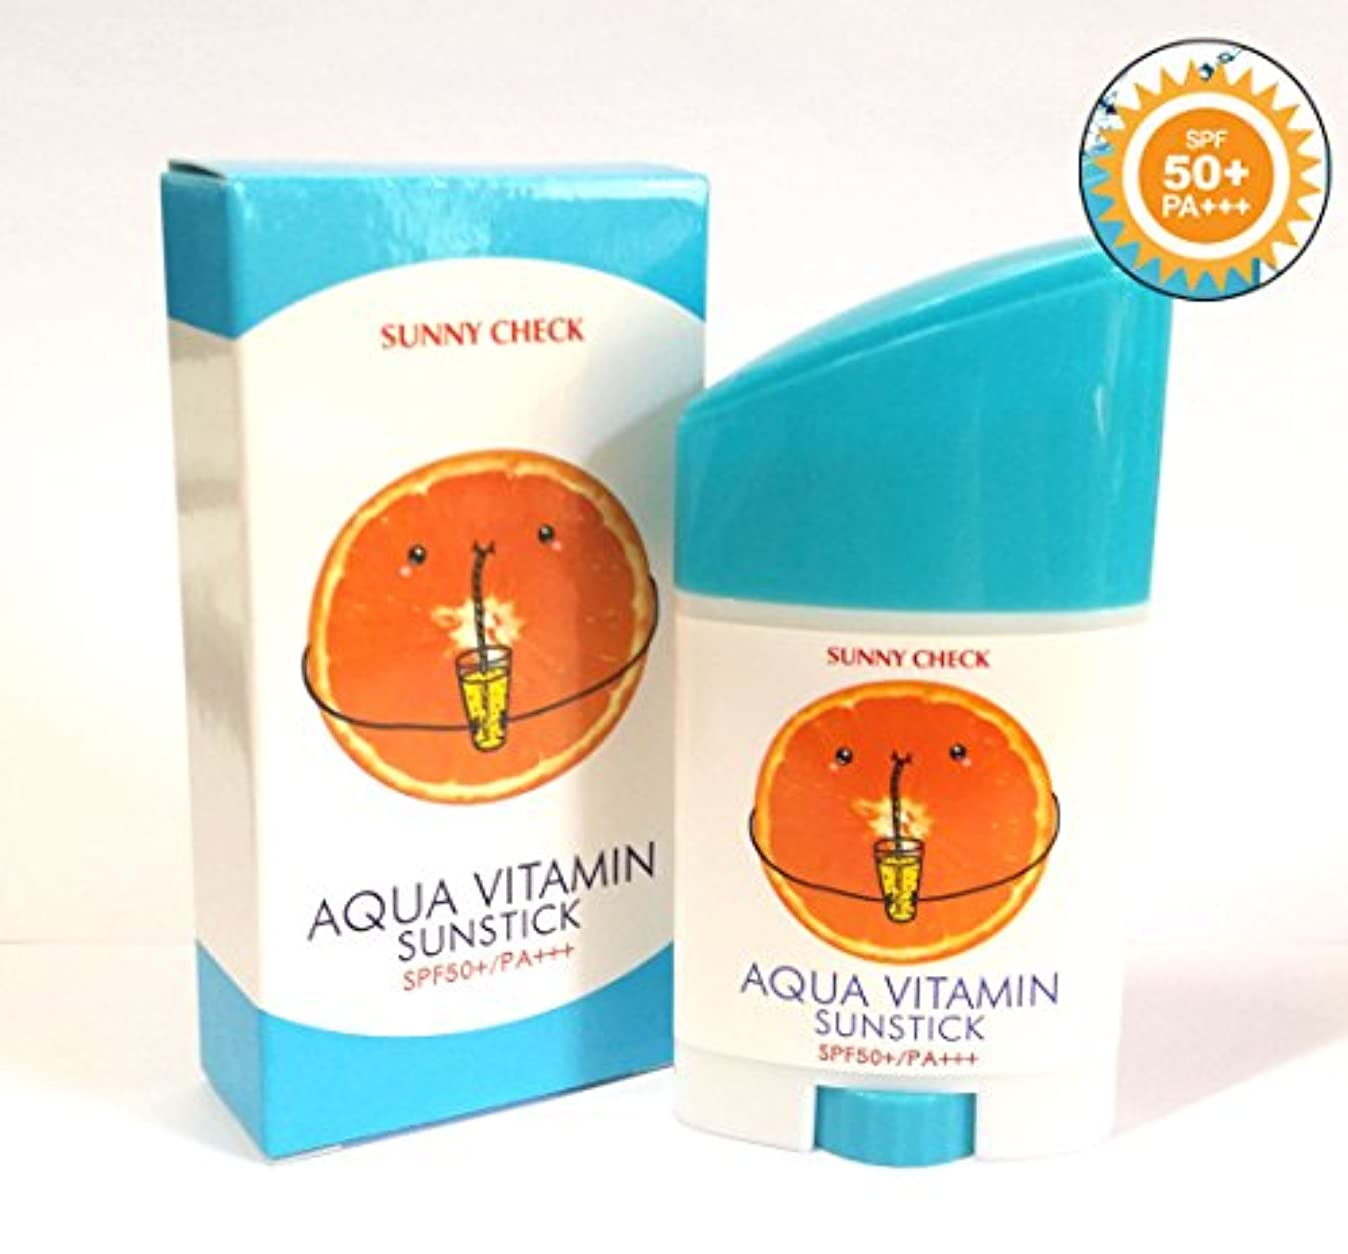 酔う出演者基準[Sunny Check] アクアビタミンサンスティックSPF50 + PA +++ 26g(0.9oz)/UVプロテクション/韓国化粧品/Aqua Vitamin Sun Stick SPF50+ PA+++ 26g(...